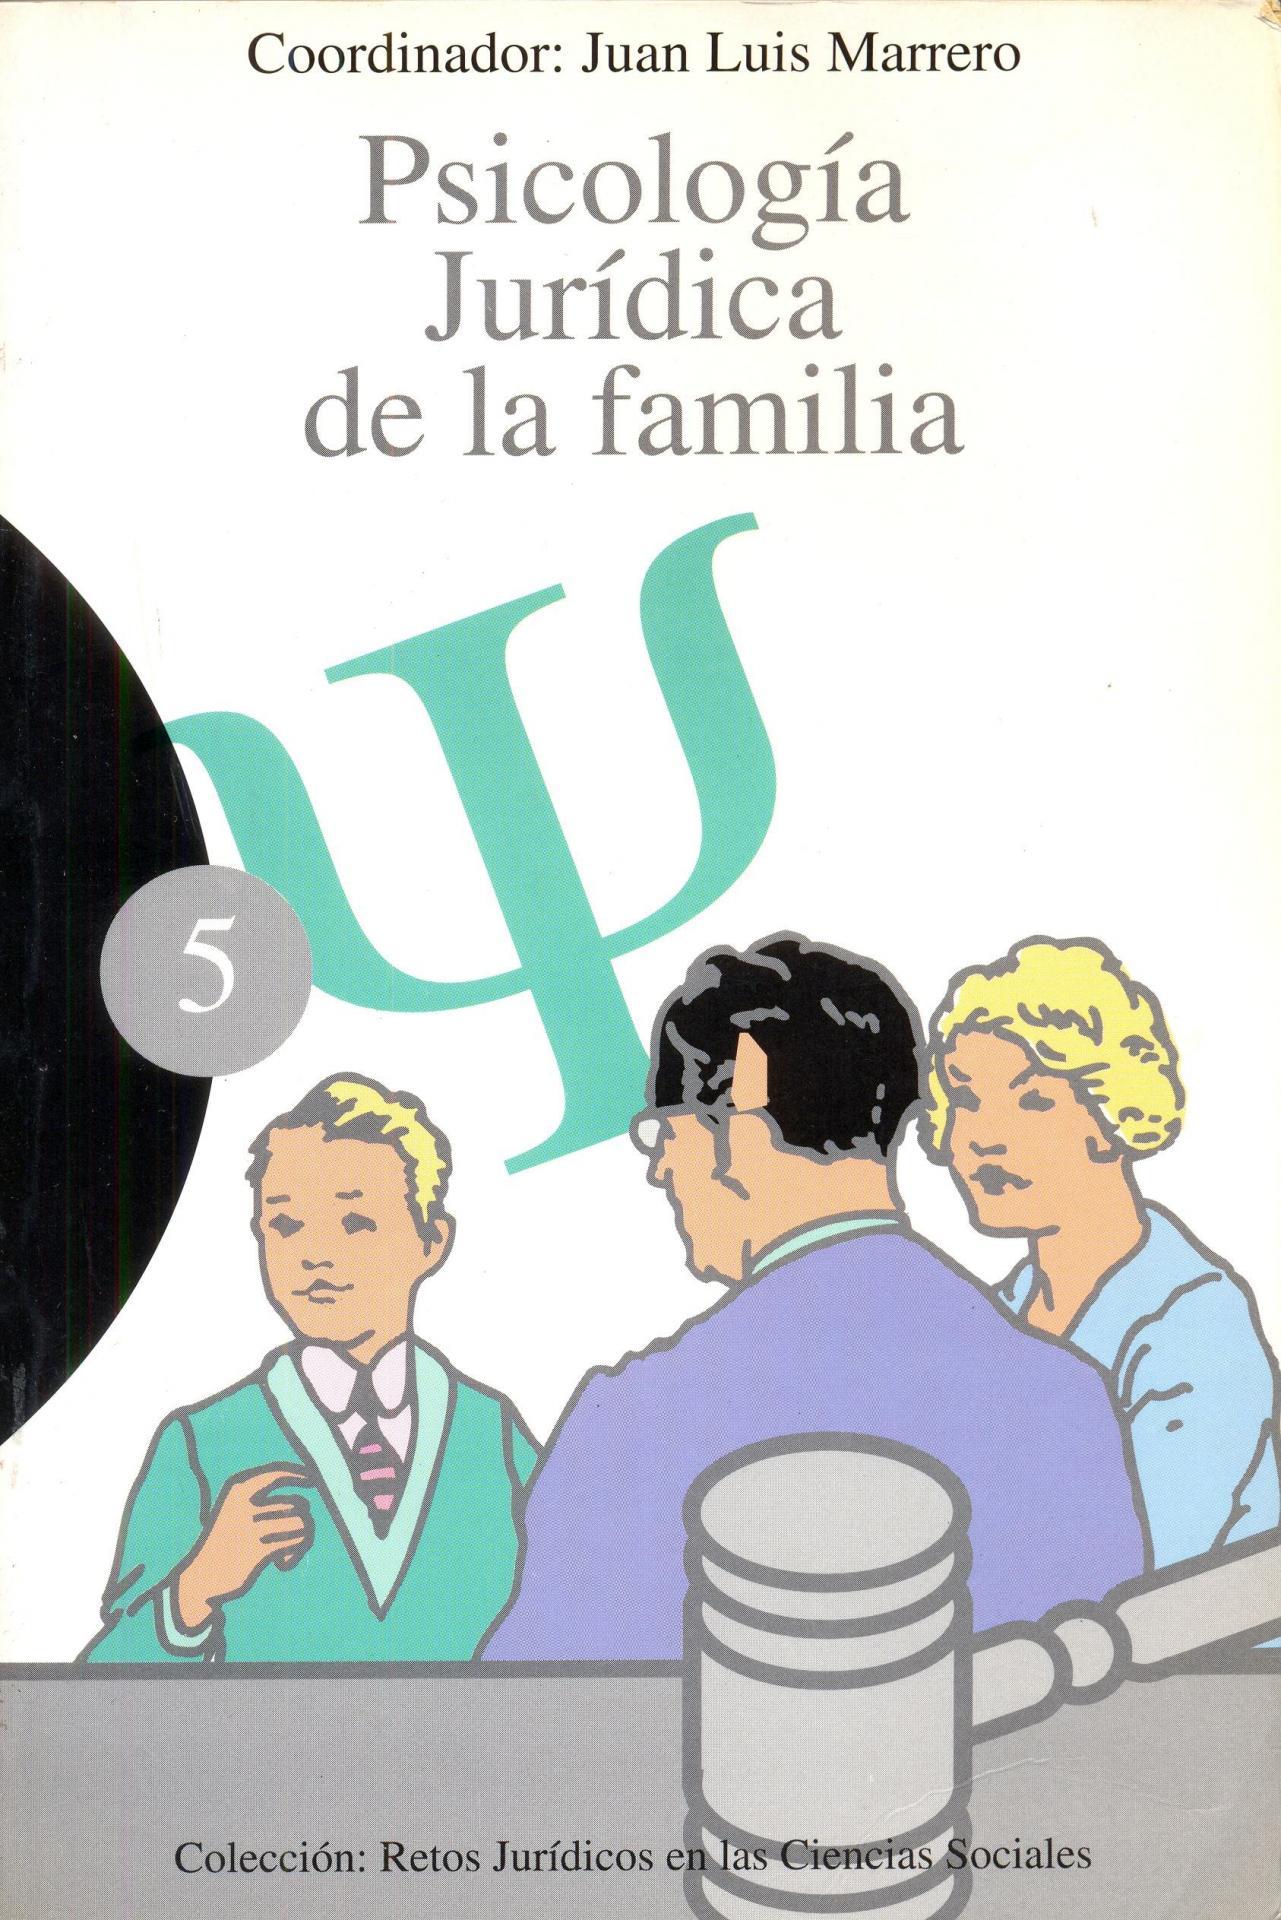 PSICOLOGÍA JURÍDICA DE LA FAMILIA. Marrero, JL.